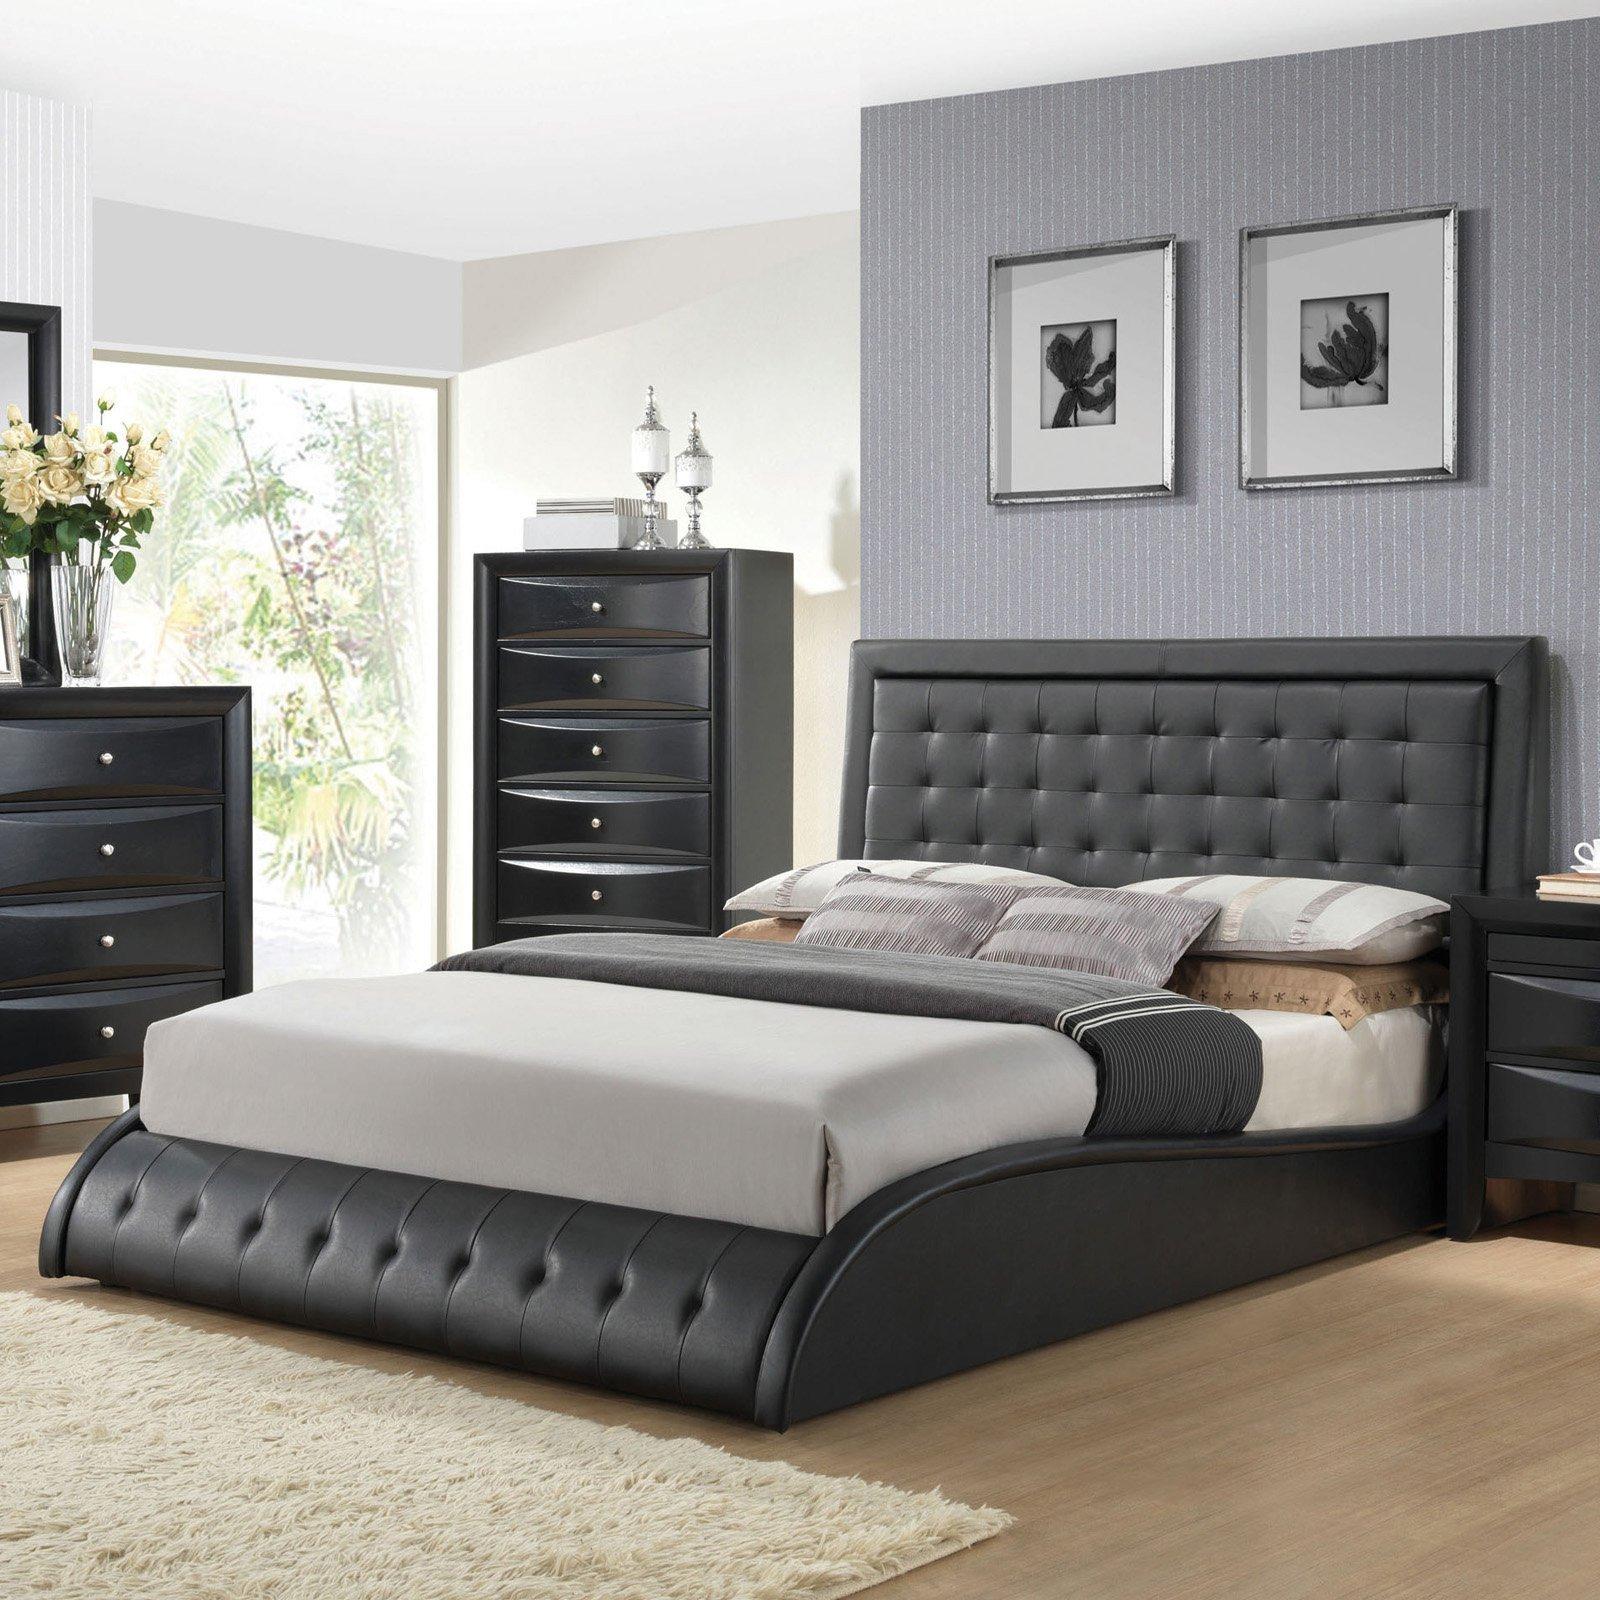 Queen Size Bedroom Set Unique Acme Furniture Tirrel Platform Bed Size Queen